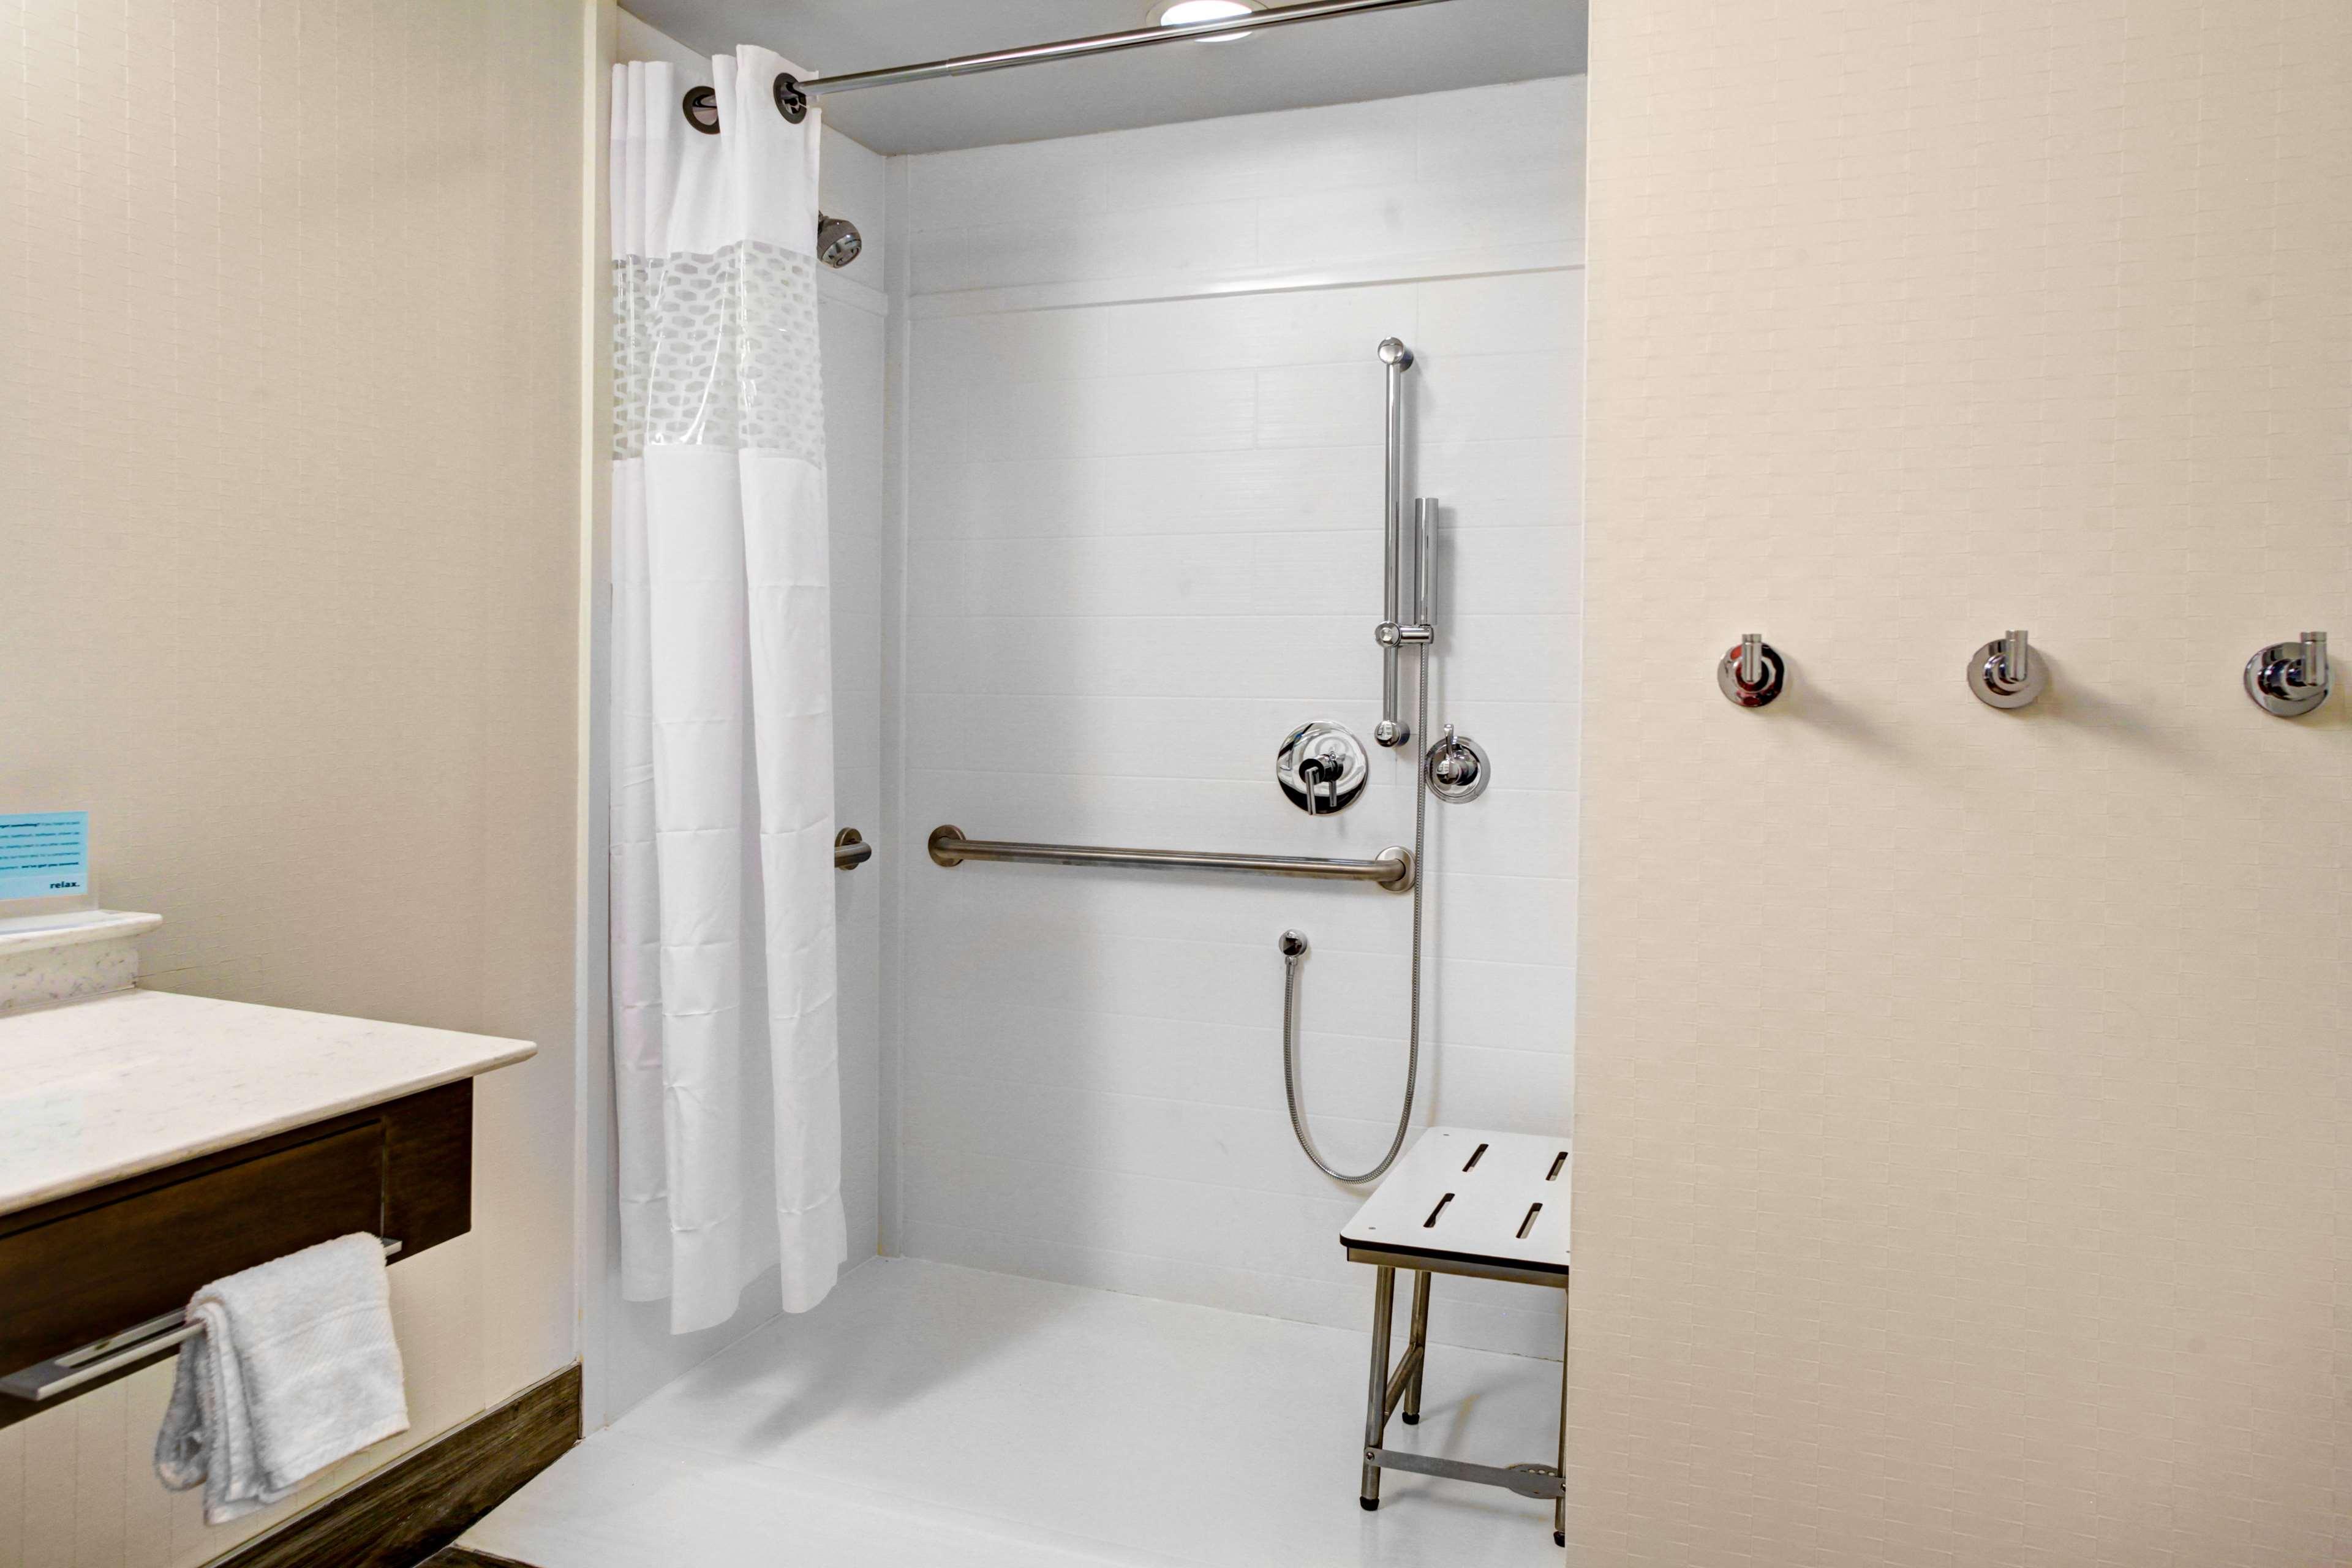 Hampton Inn & Suites by Hilton Atlanta Perimeter Dunwoody image 15